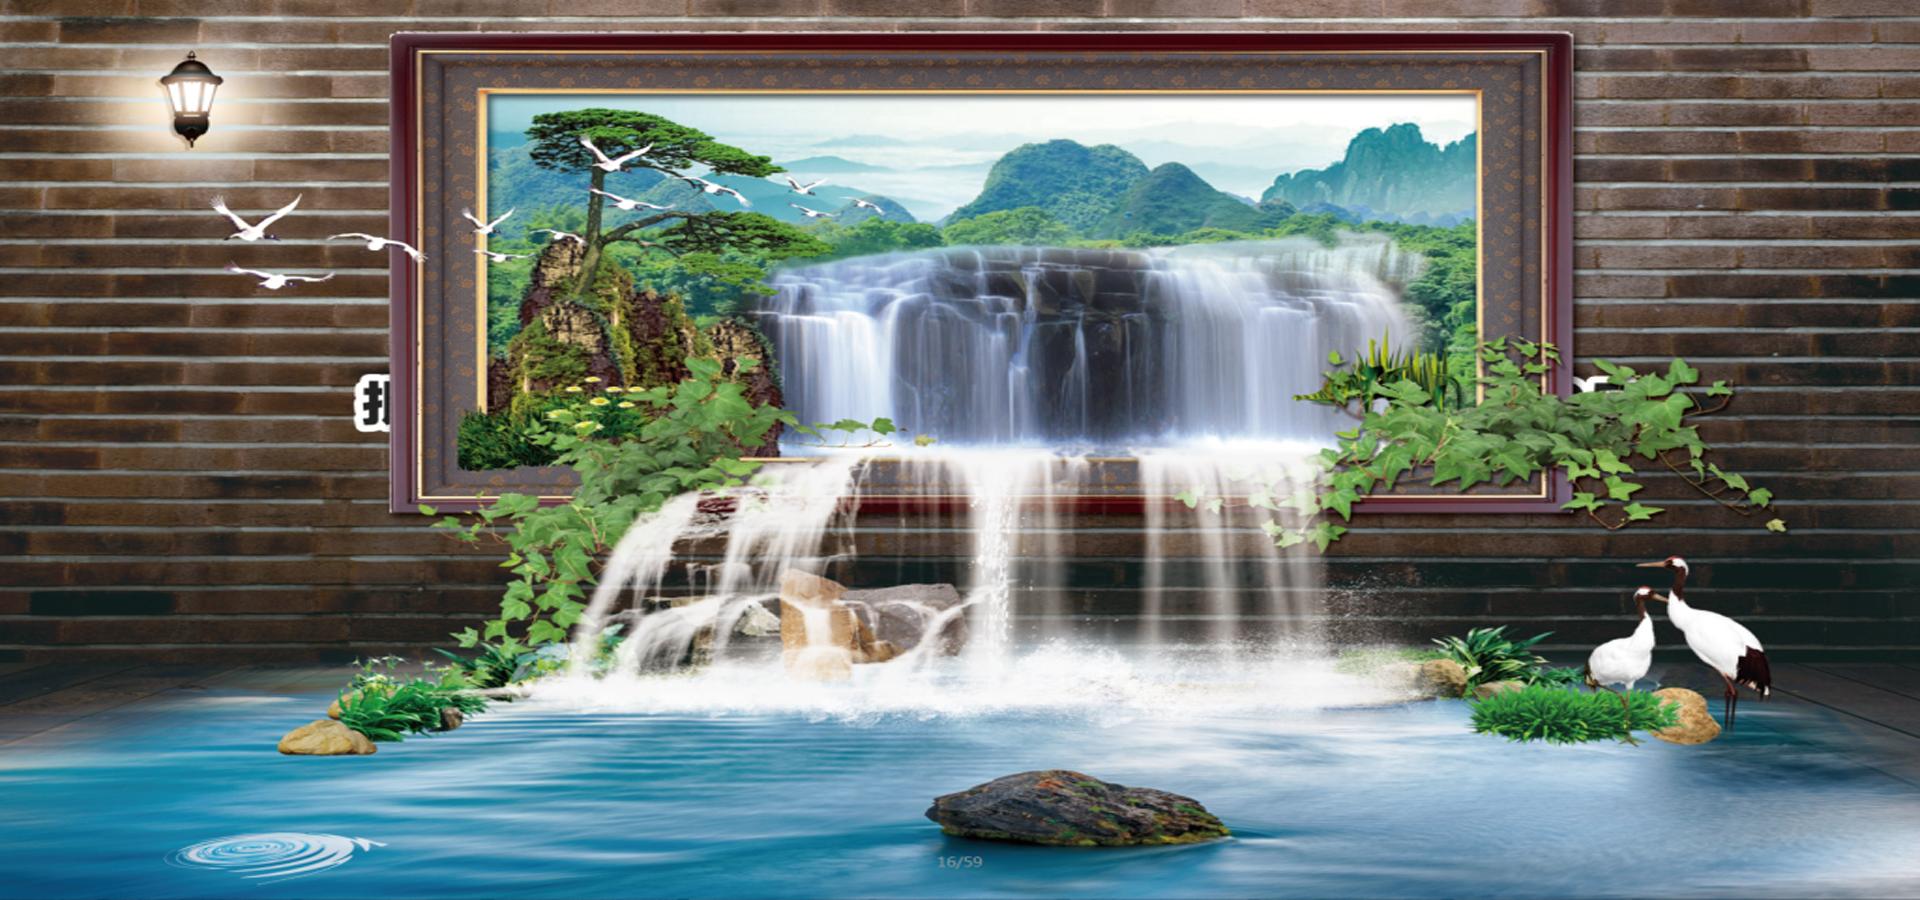 fonte cachoeira paisagem background parede paisagem pine imagem de plano de fundo para download